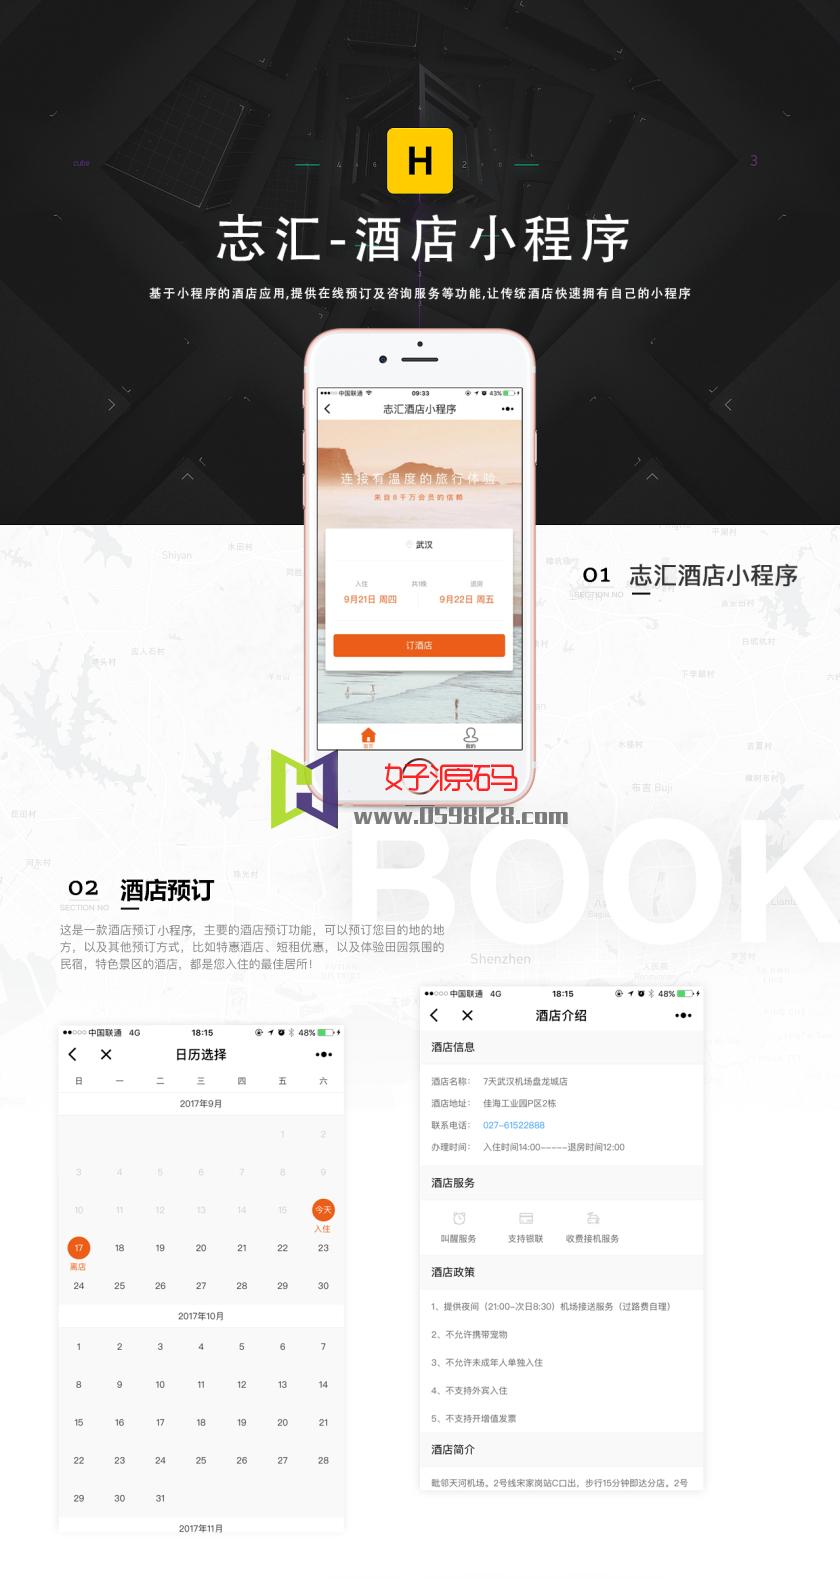 志汇-酒店小程序 2.7 小程序前端+后端微擎原版小程序源码-好源码